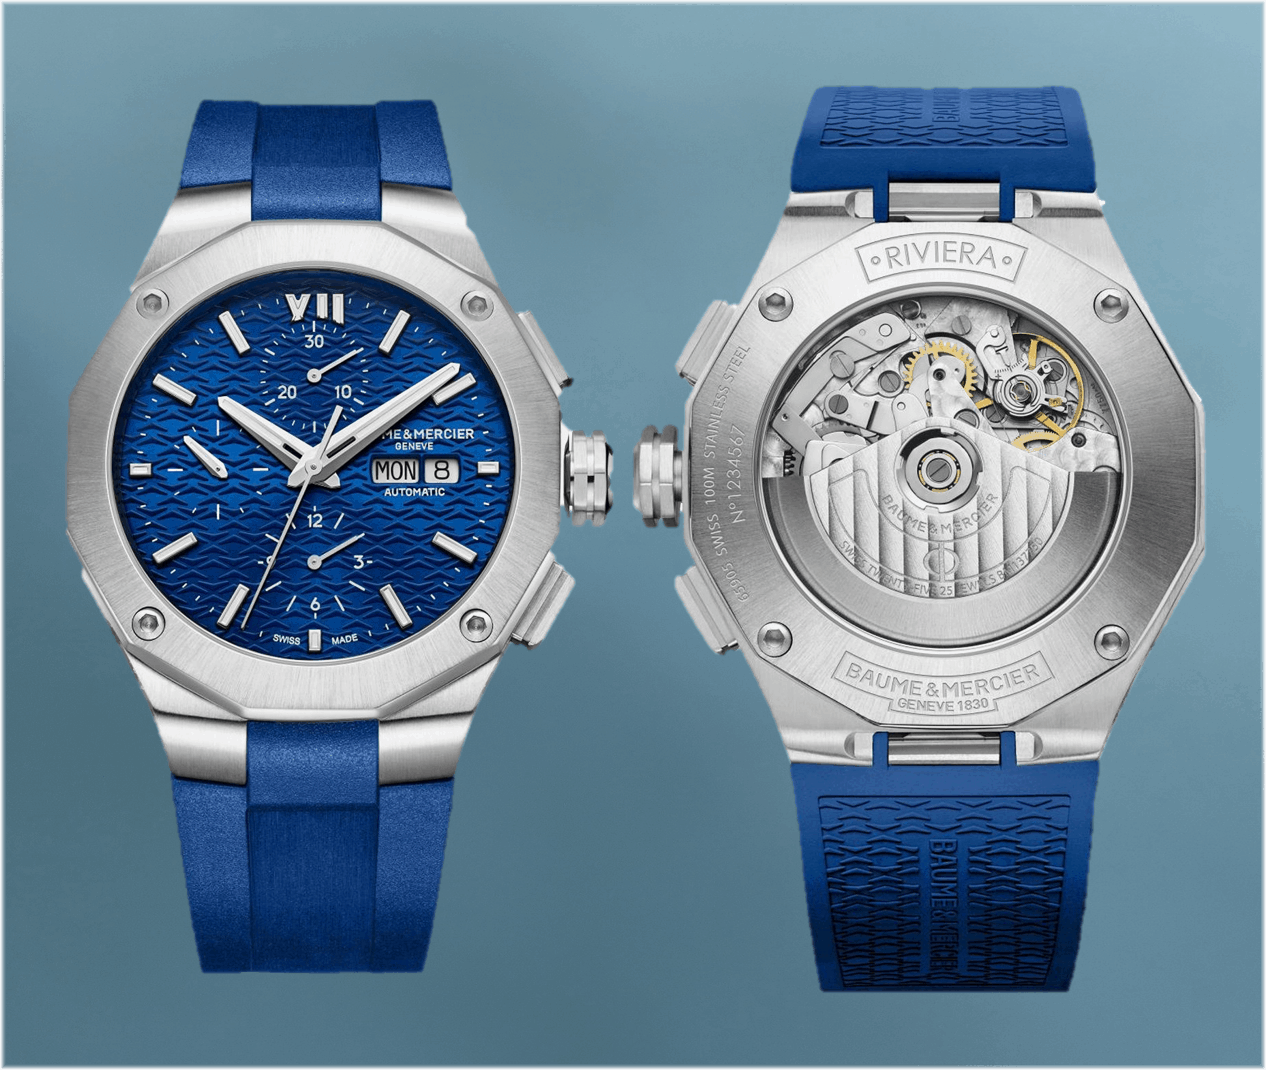 Blaue Riviera mit Automatik-Chronographen Kaliber von 2021